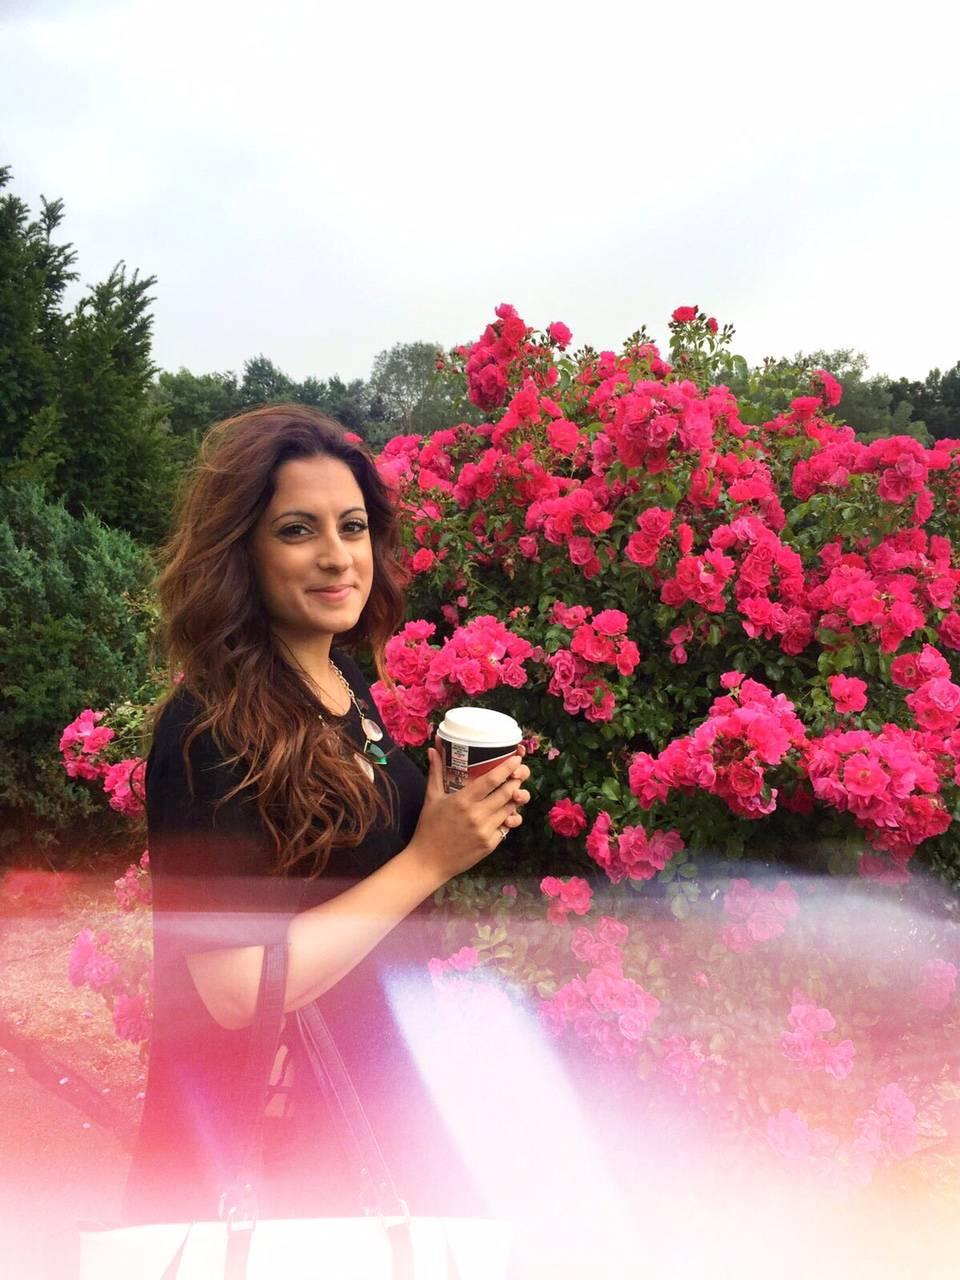 pink-blossom-fashion-blog